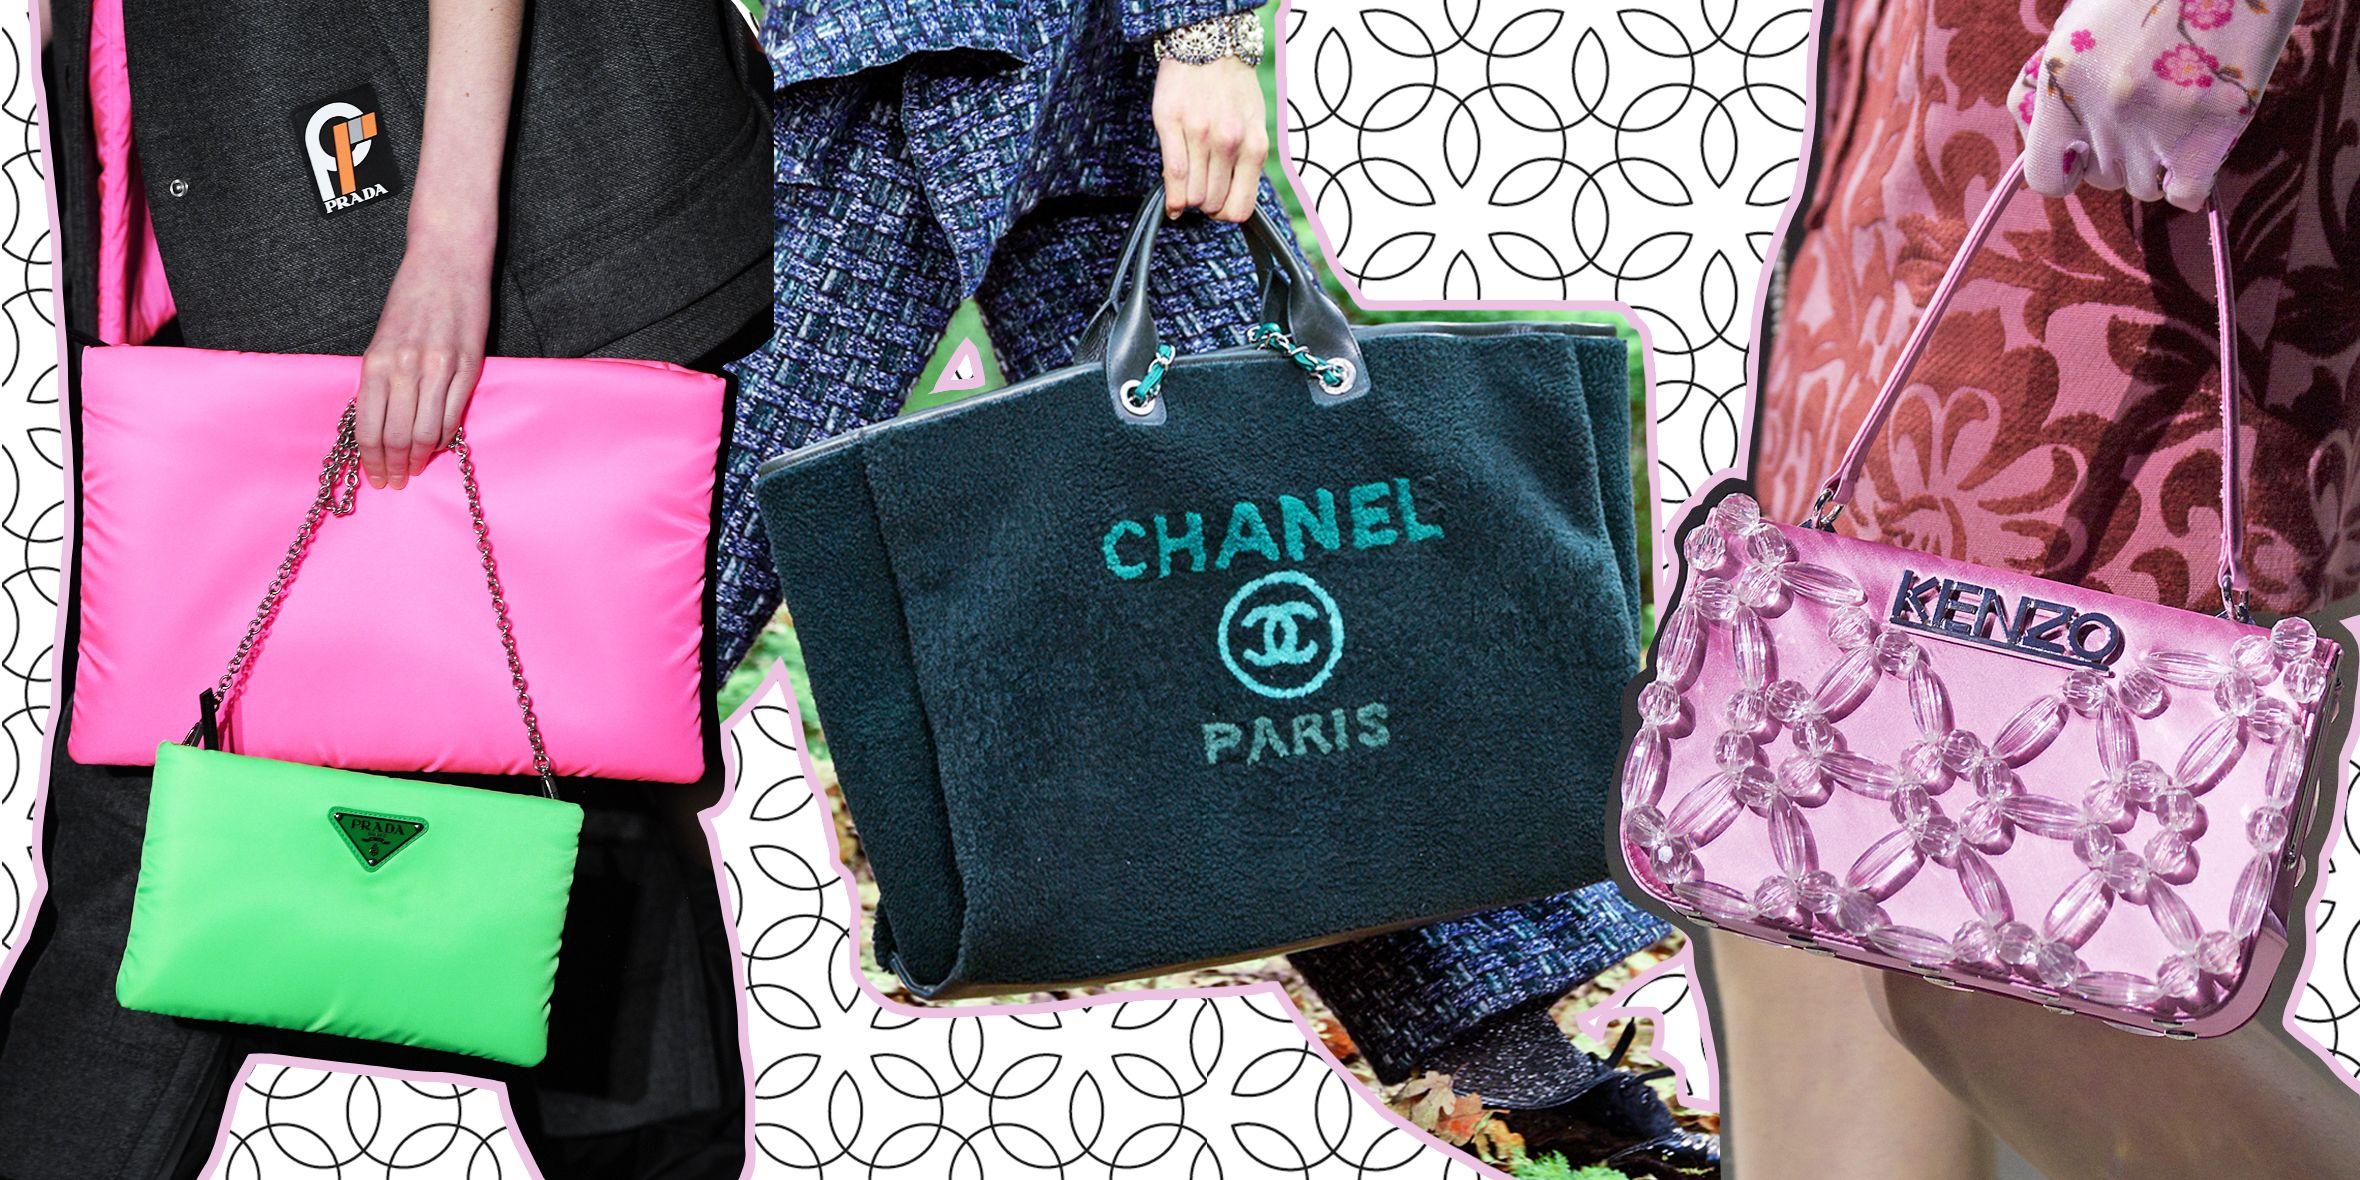 f81f8a4b1e ... moda autunno inverno 2018 2019. Le borse di marca migliorano  l\u0027outfit perché gli accessori firmati fanno la differenza, ...